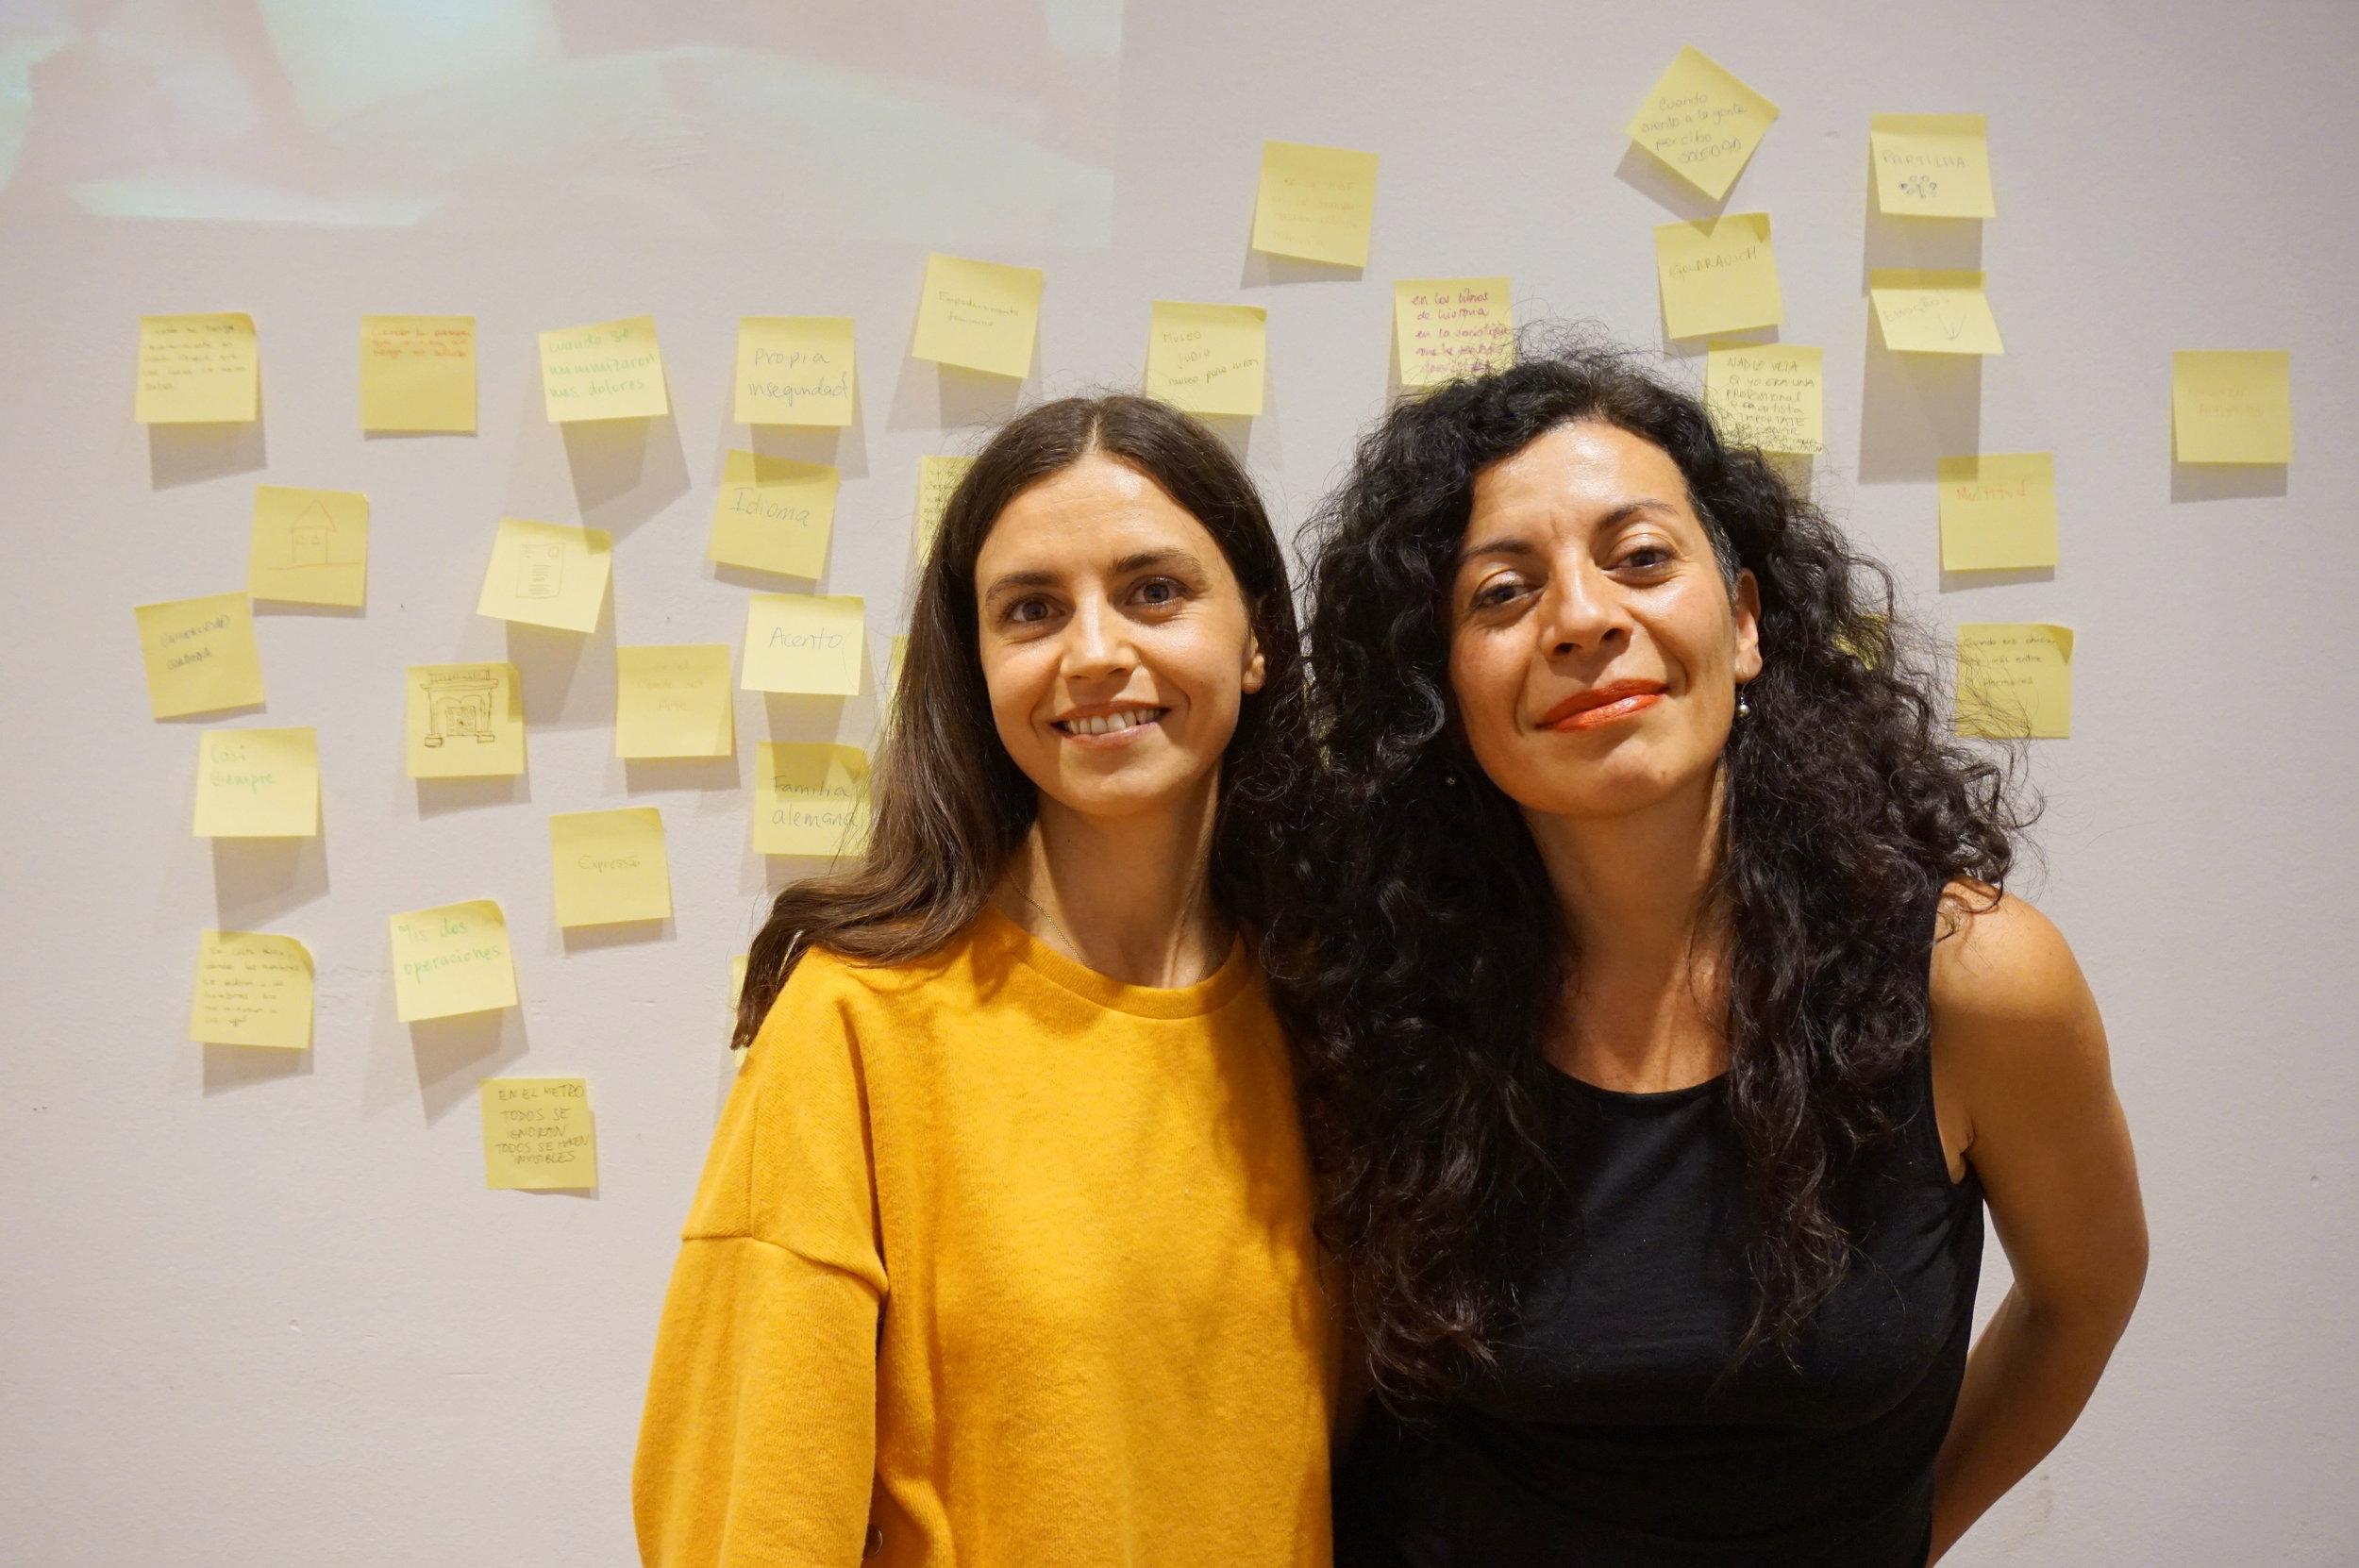 Fotos de Maria Luisa Herrera Rapela y Daniela Carvajal